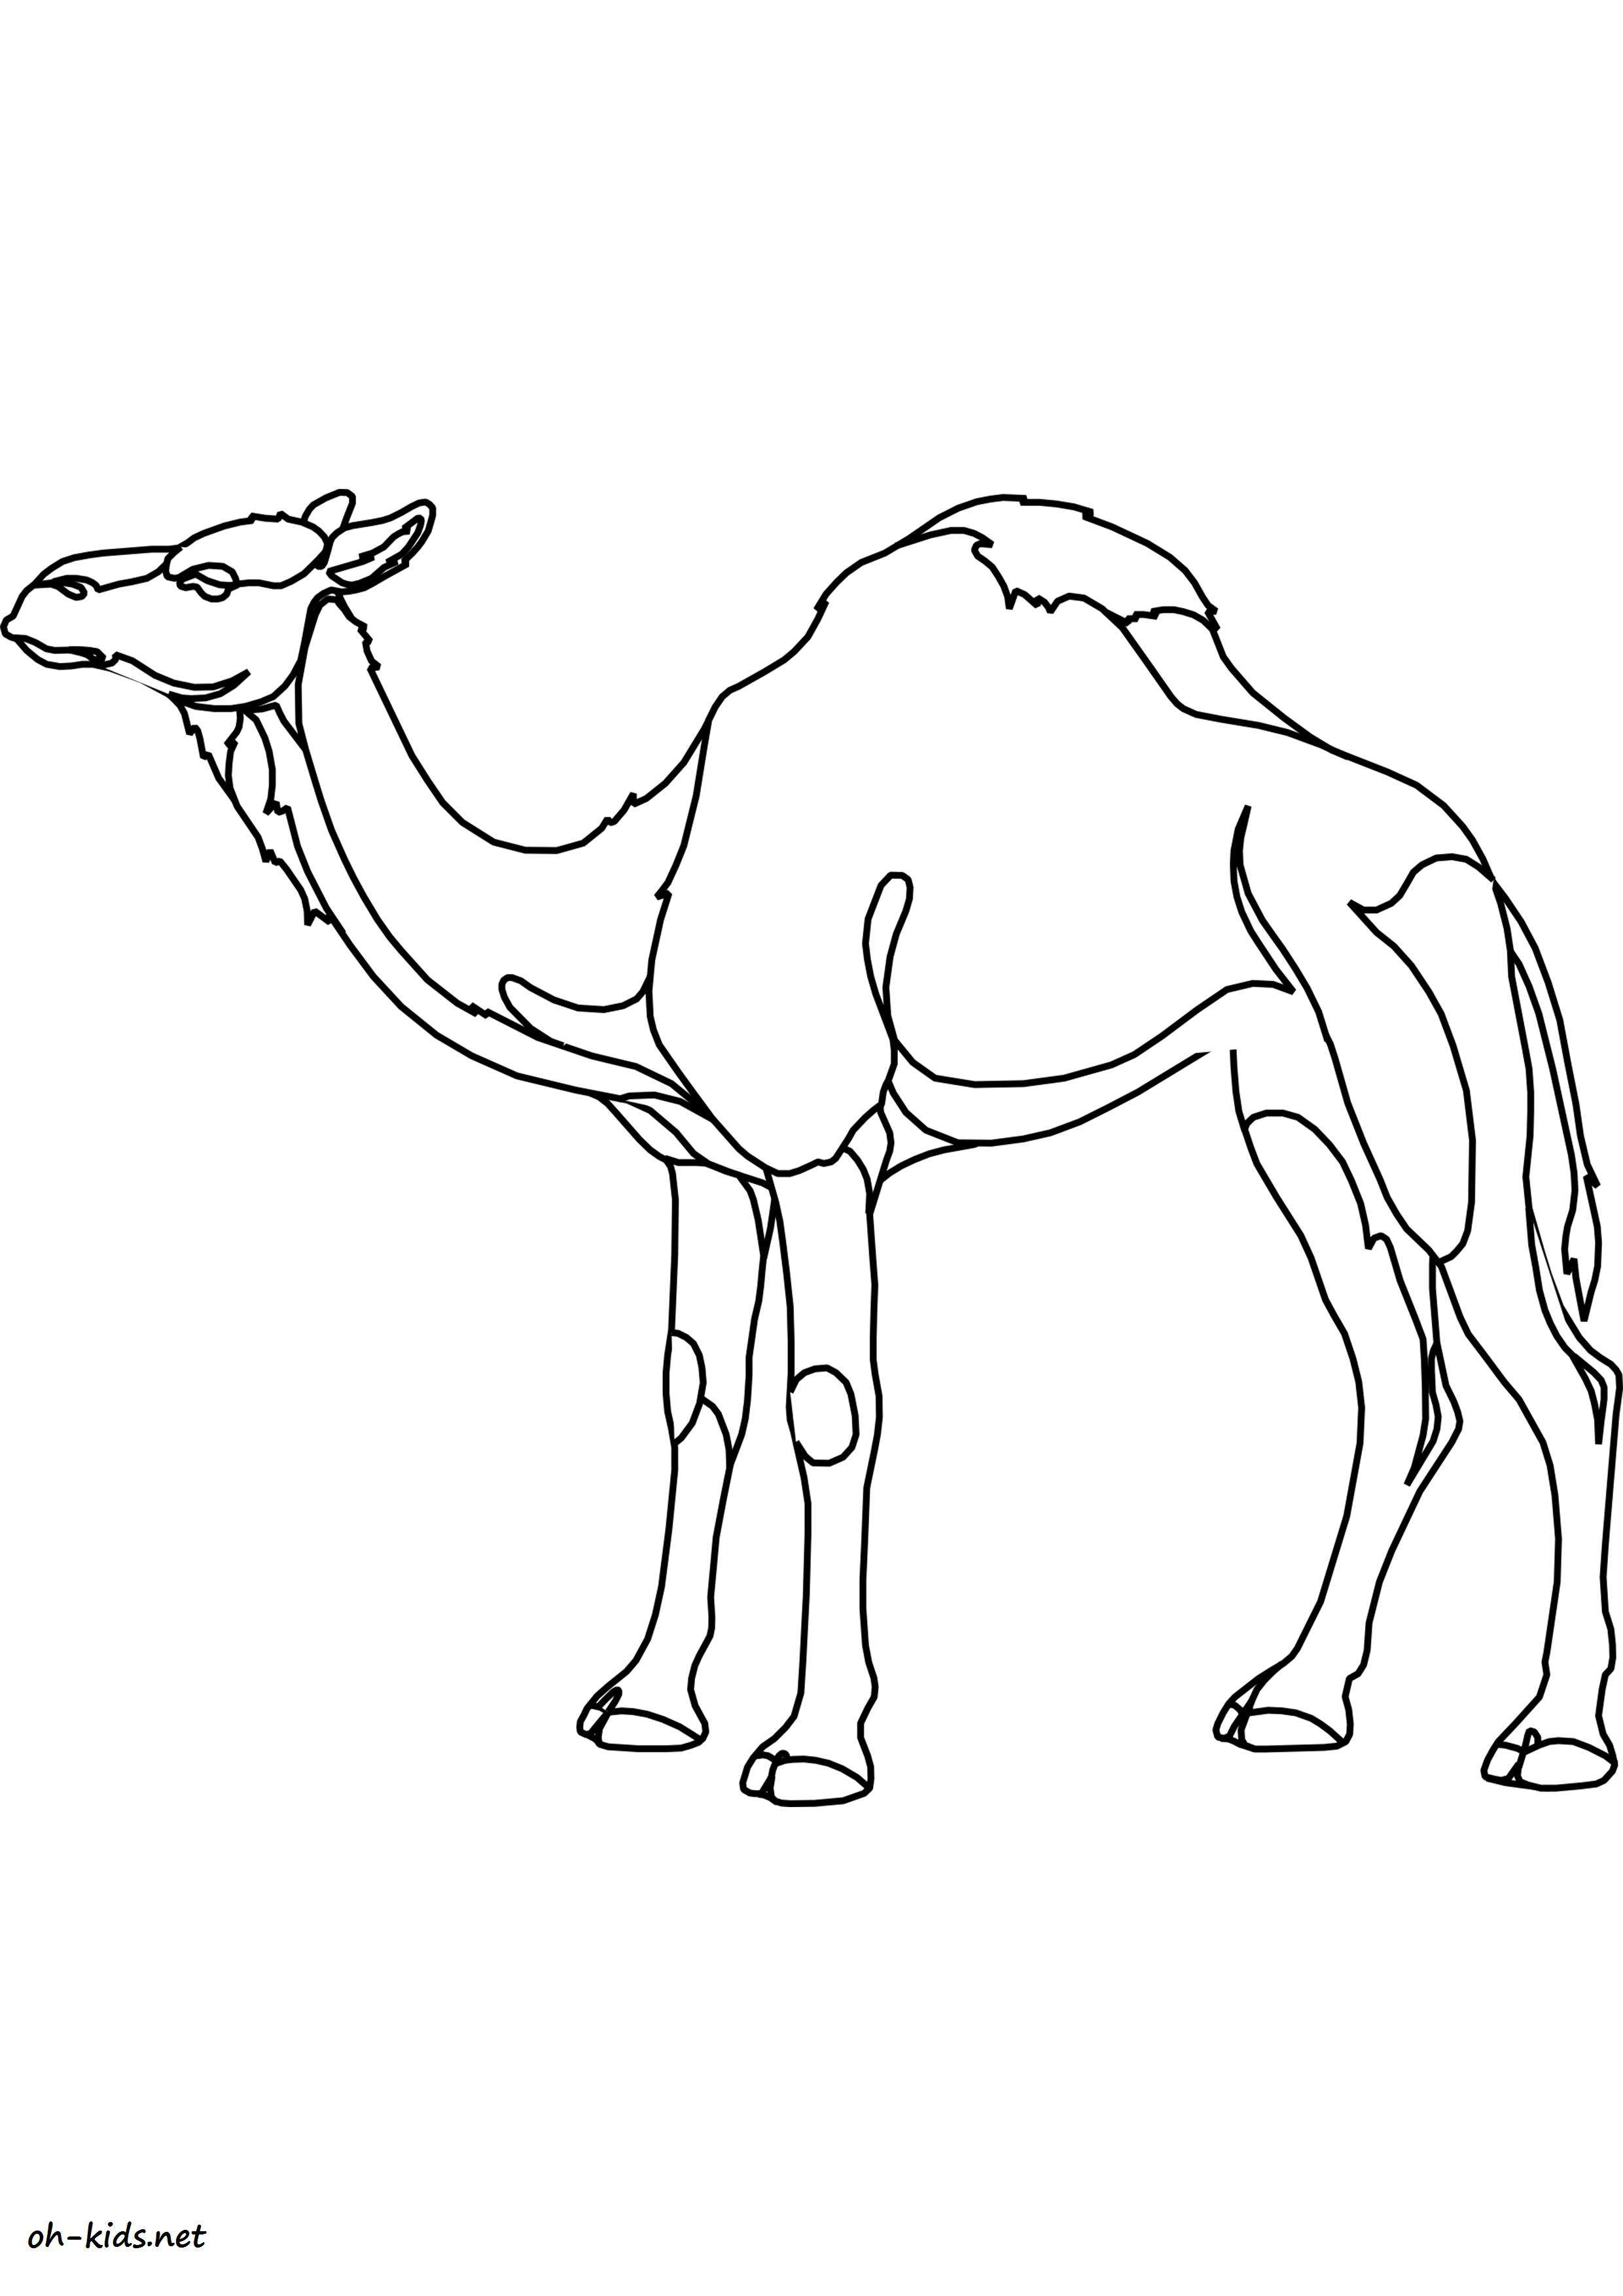 Coloriage chameau oh kids fr - Dessin de chameau ...